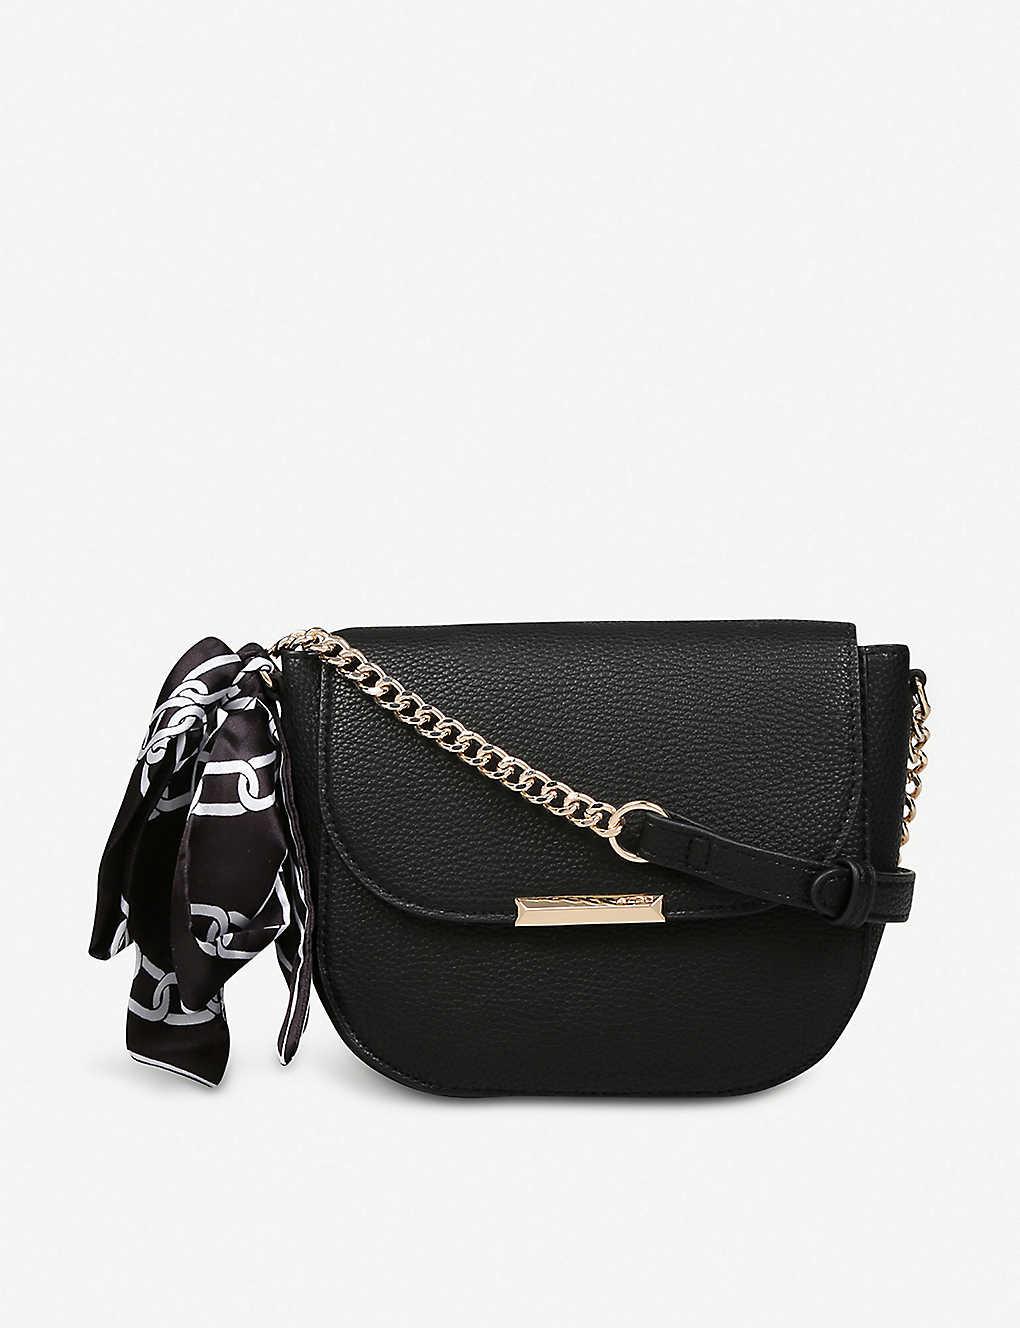 8b214db827d ALDO - Disspain chain-detail faux-leather bag | Selfridges.comm